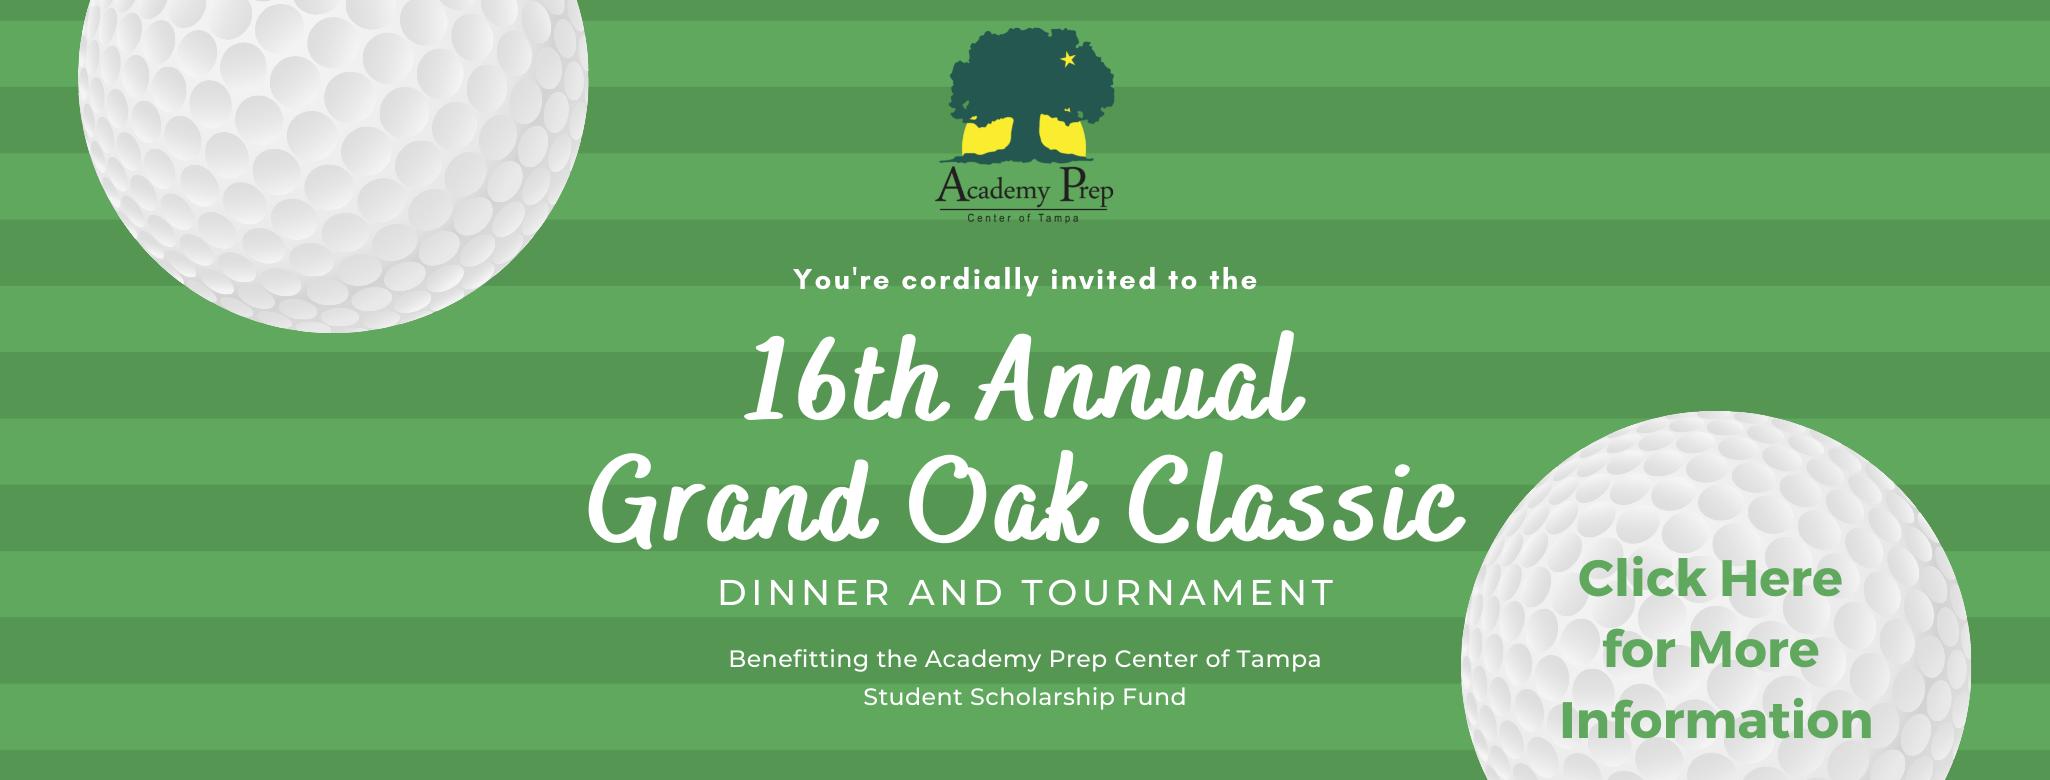 Grand Oak Classic